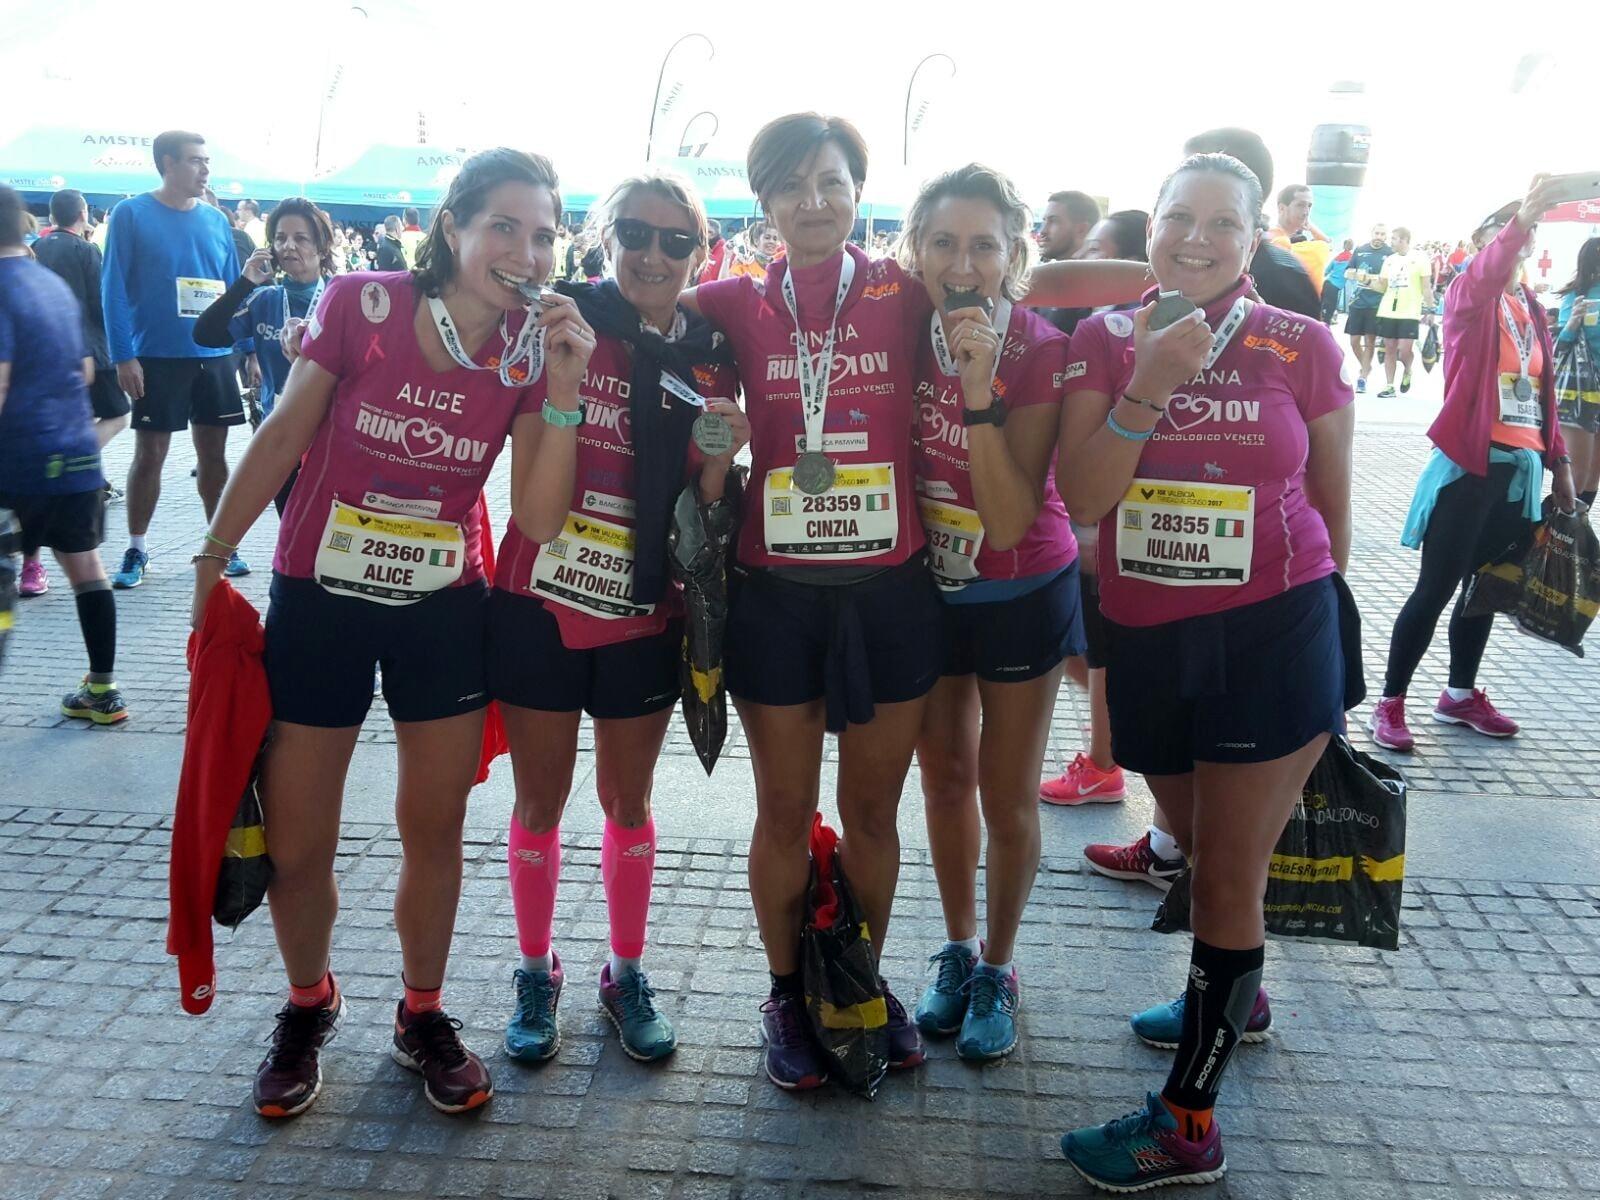 Calendario Podistico Veneto.Run For Iov Tutte Arrivate Al Traguardo Le Atlete Impegnate